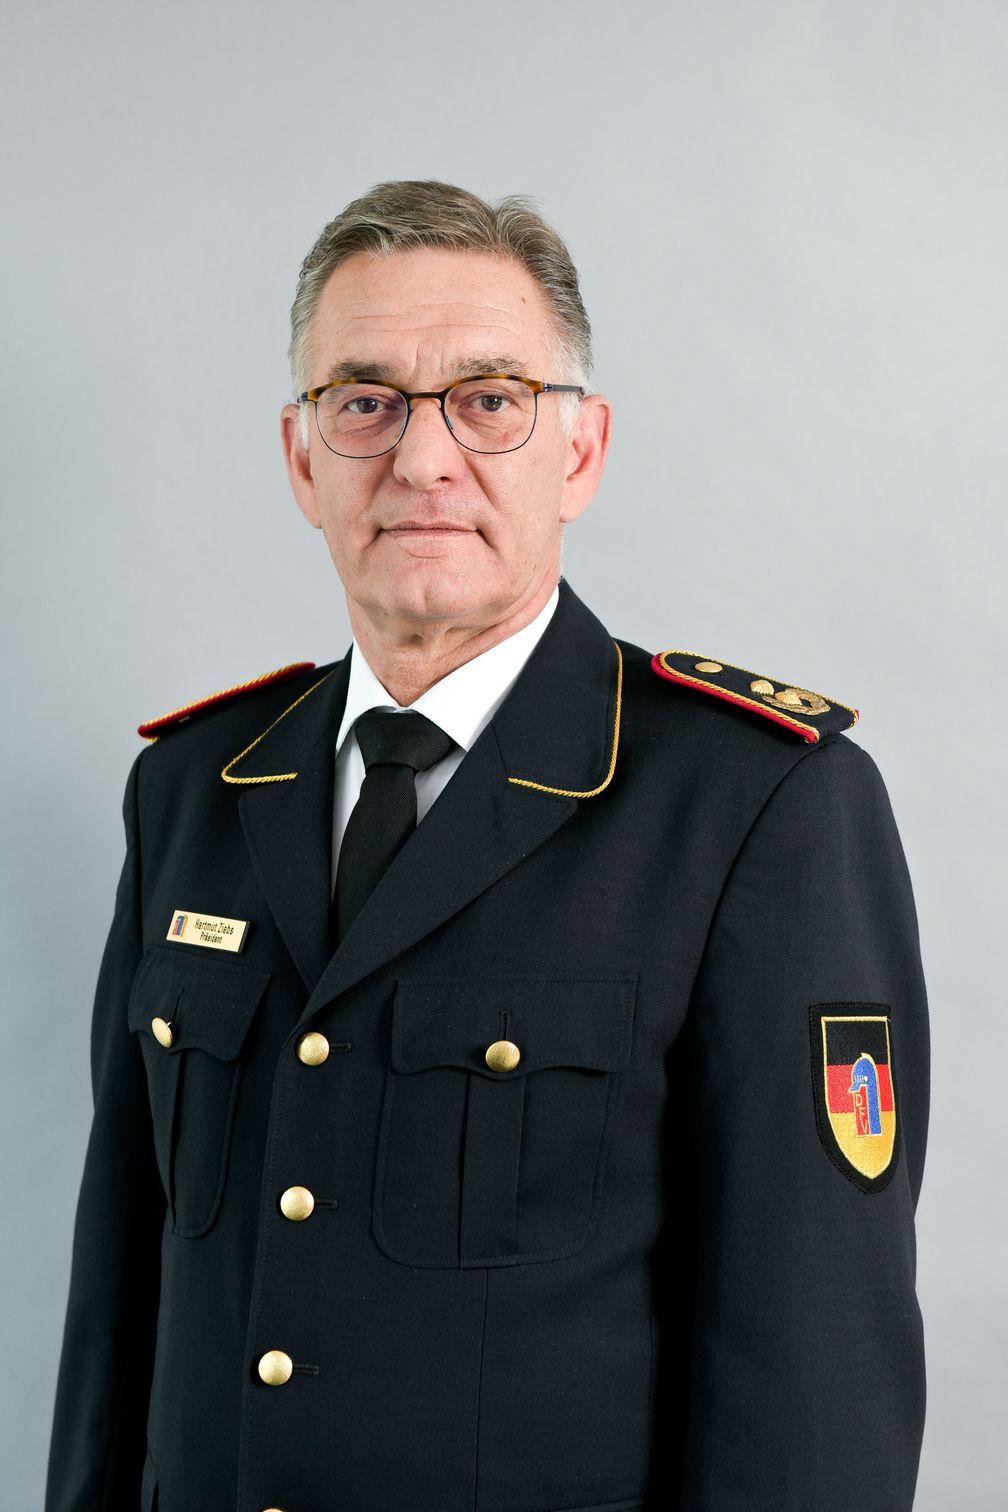 Dipl.-Ing. Hartmut ZiebsPrŠsident des Deutschen Feuerwehrverbandes